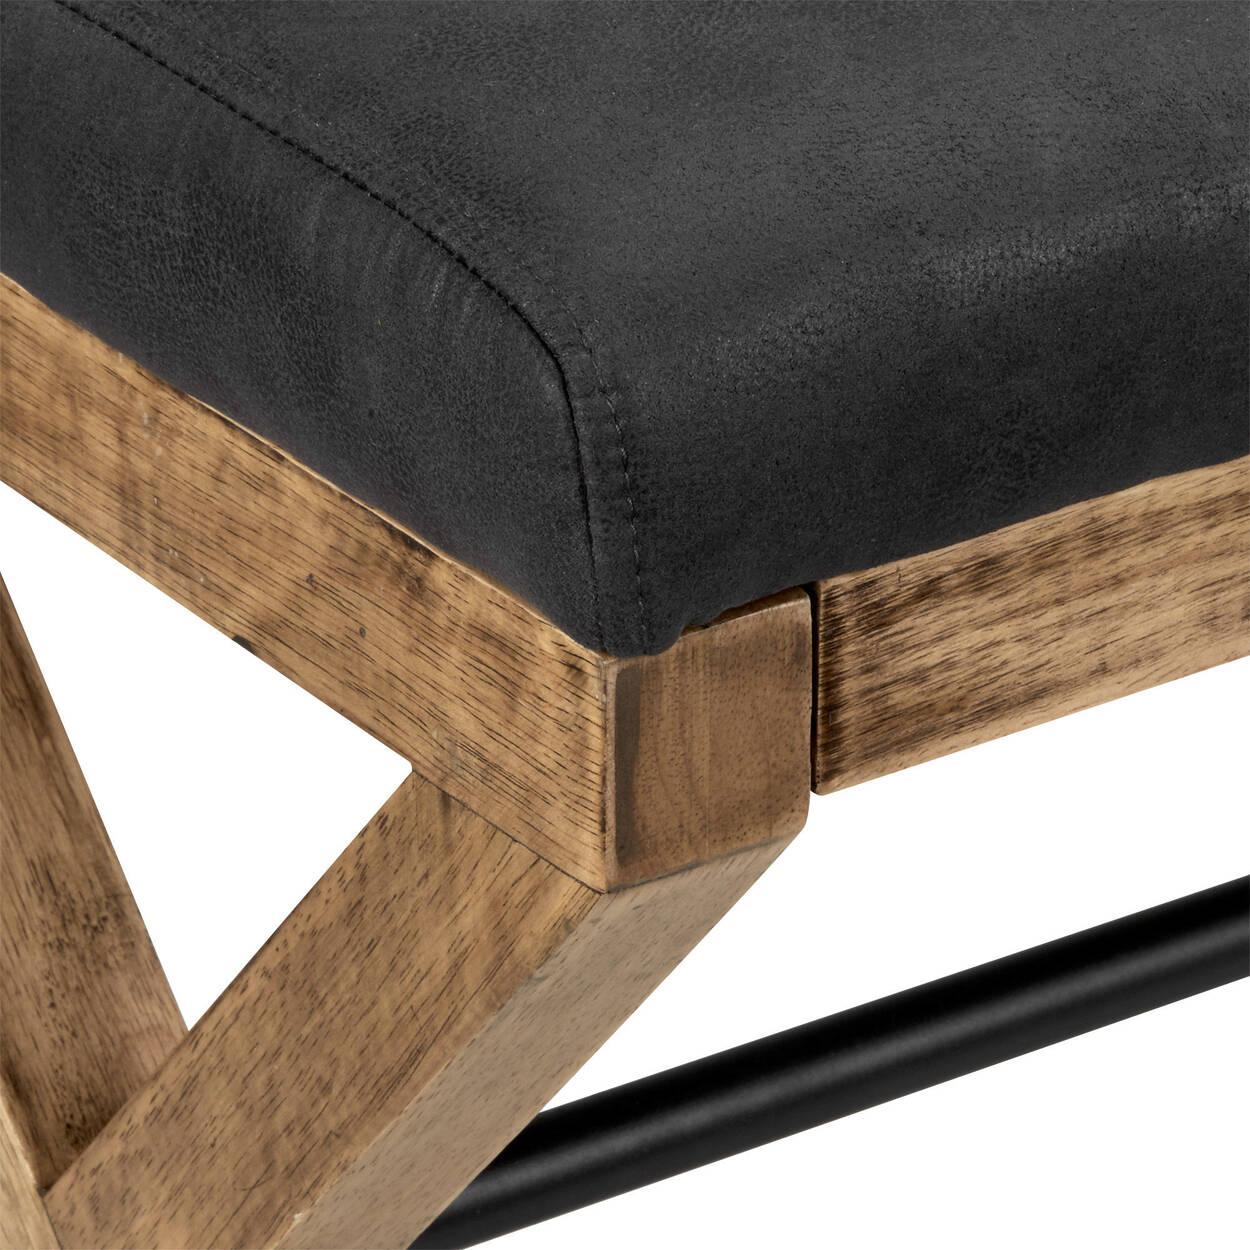 Banc en similicuir texturé avec base en bois